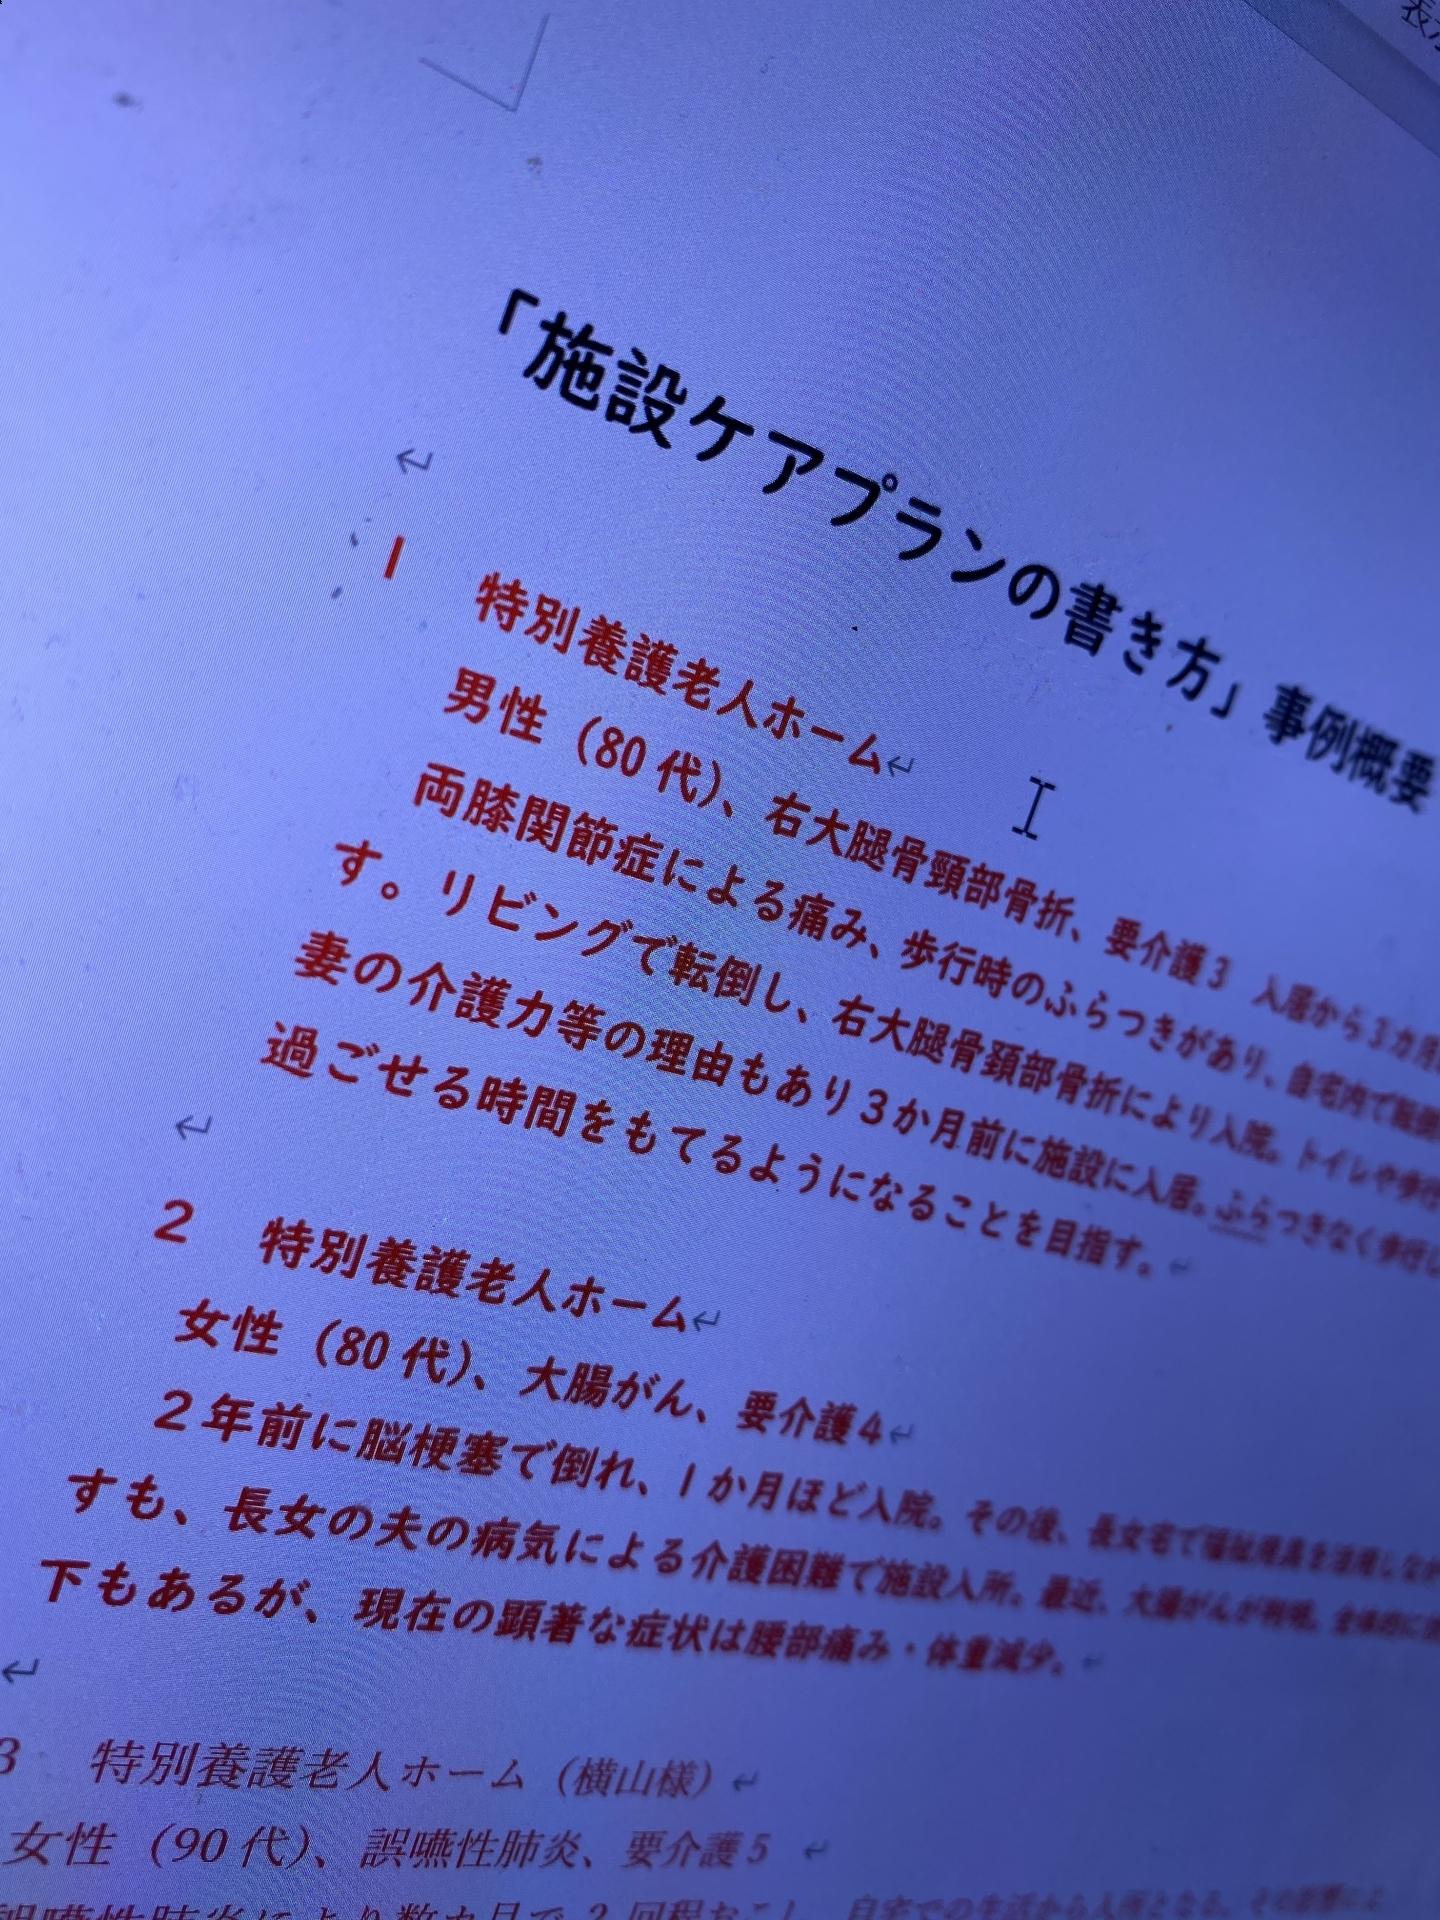 【177】 施設ケアプランの書き方 (執筆順調!)